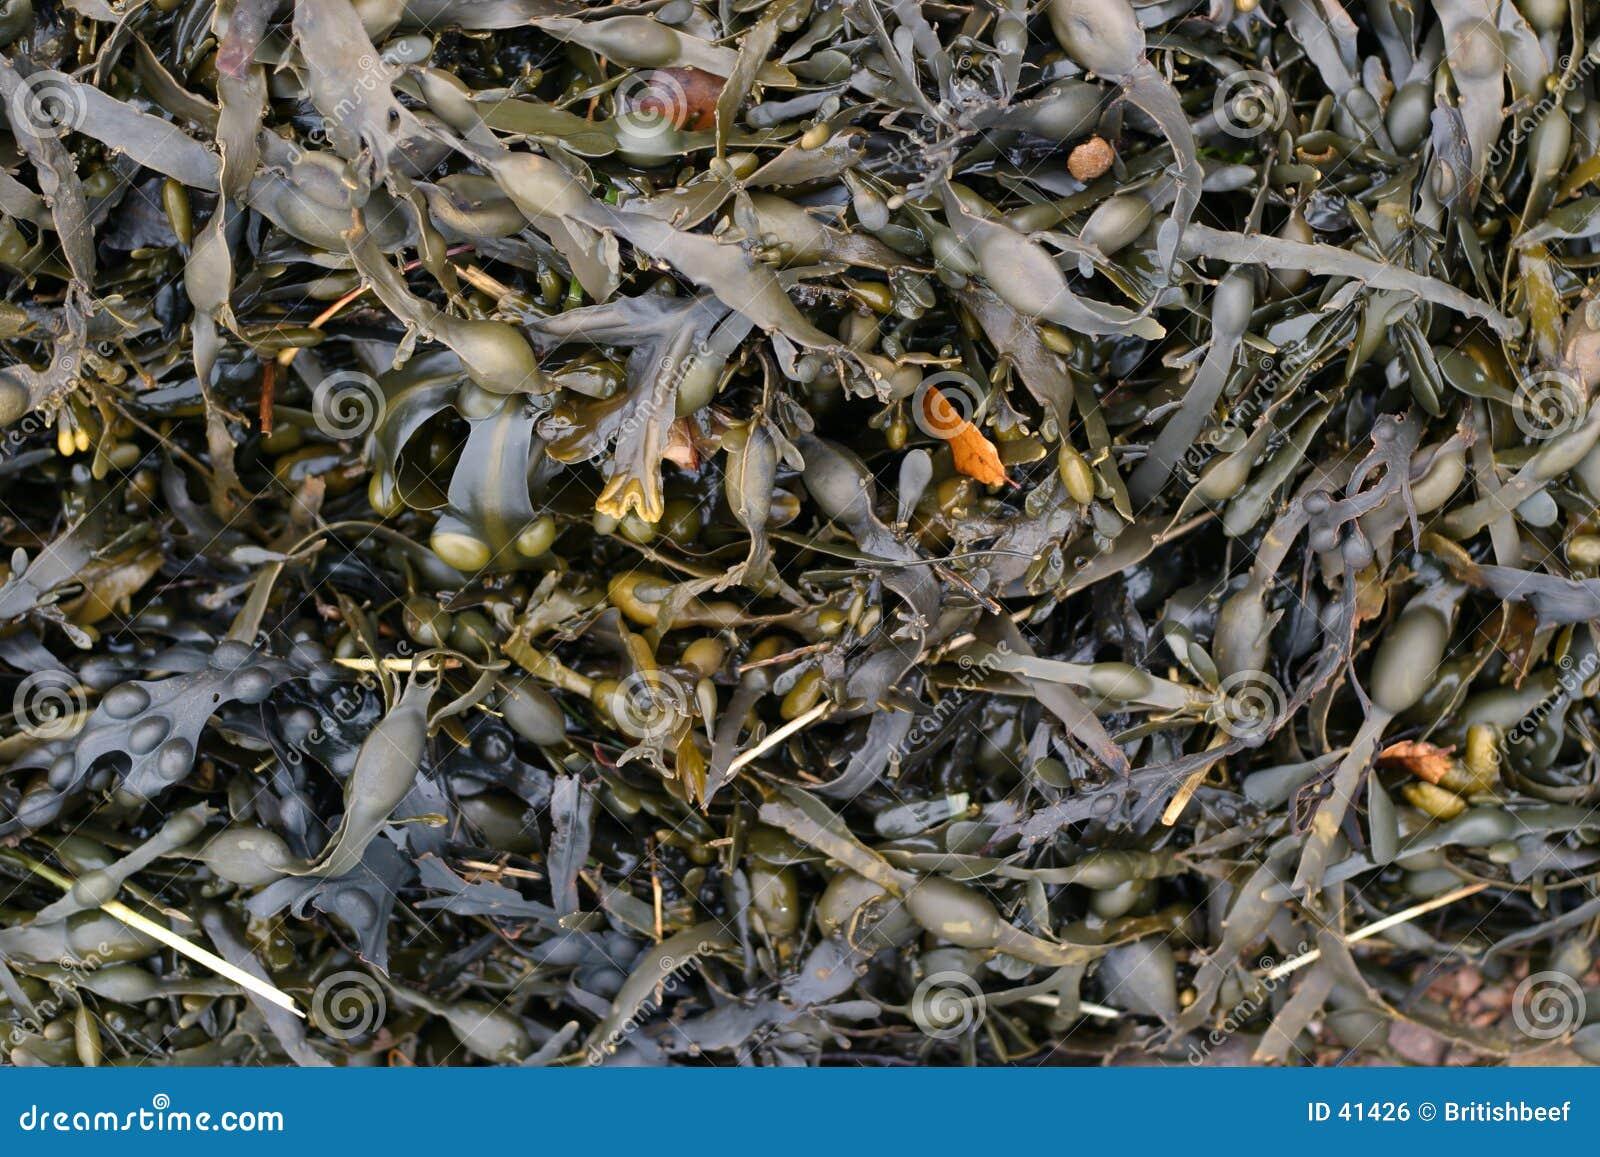 Wet seaweed